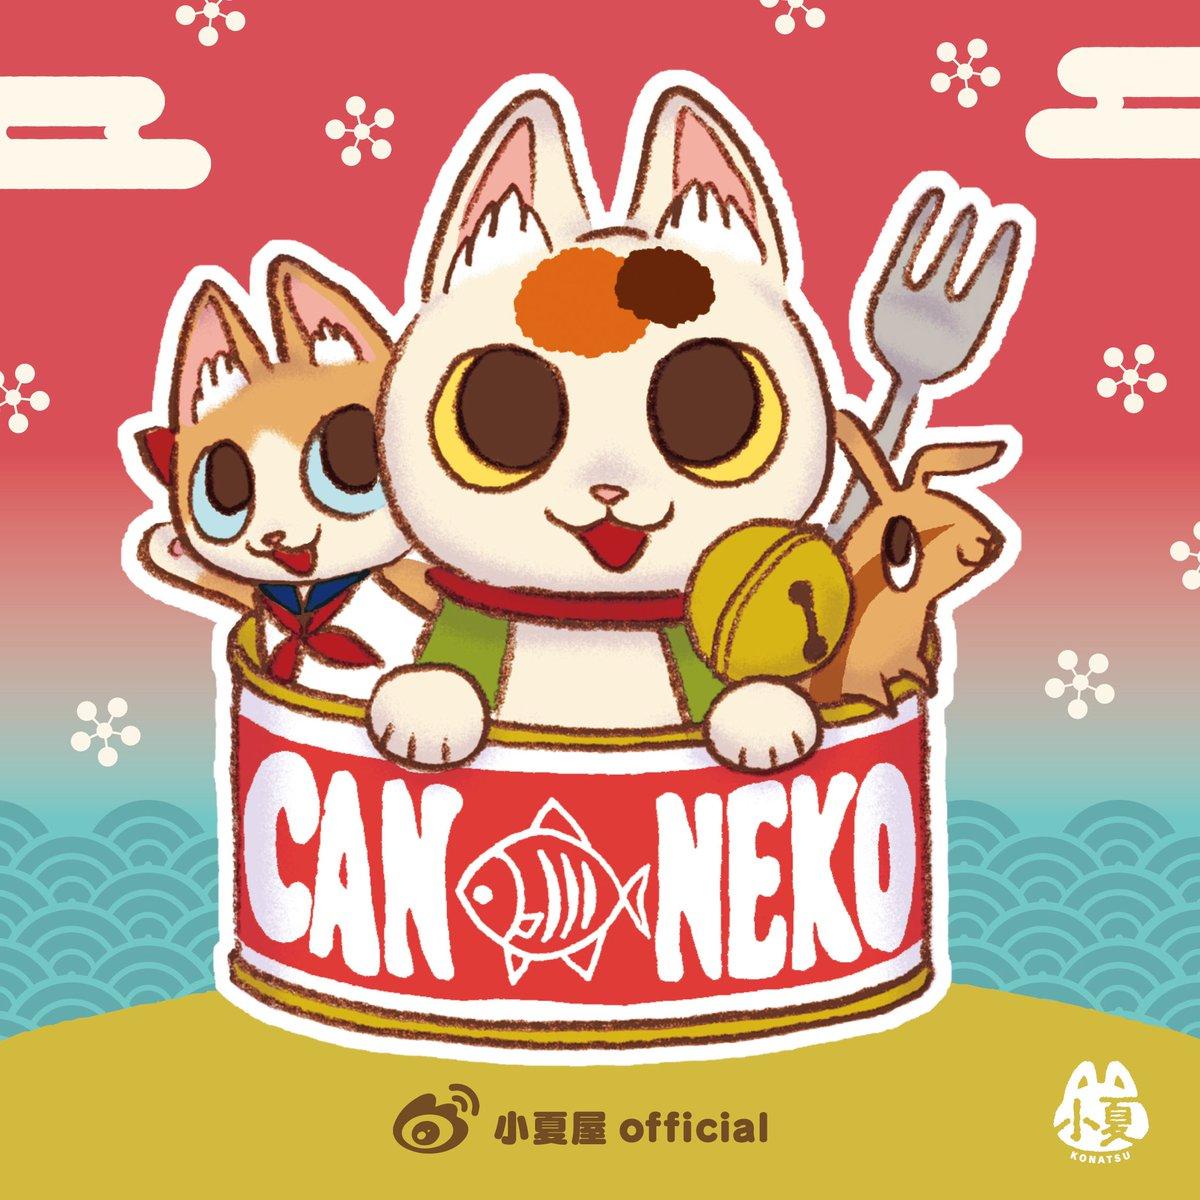 大家好,我是小夏,我有中国的新浪微博账号了,这是我的微博账号:小夏屋Official,请大家多多关注我哦…… Weiboの小夏屋officialアカウントができました!イラストなどを投稿しています